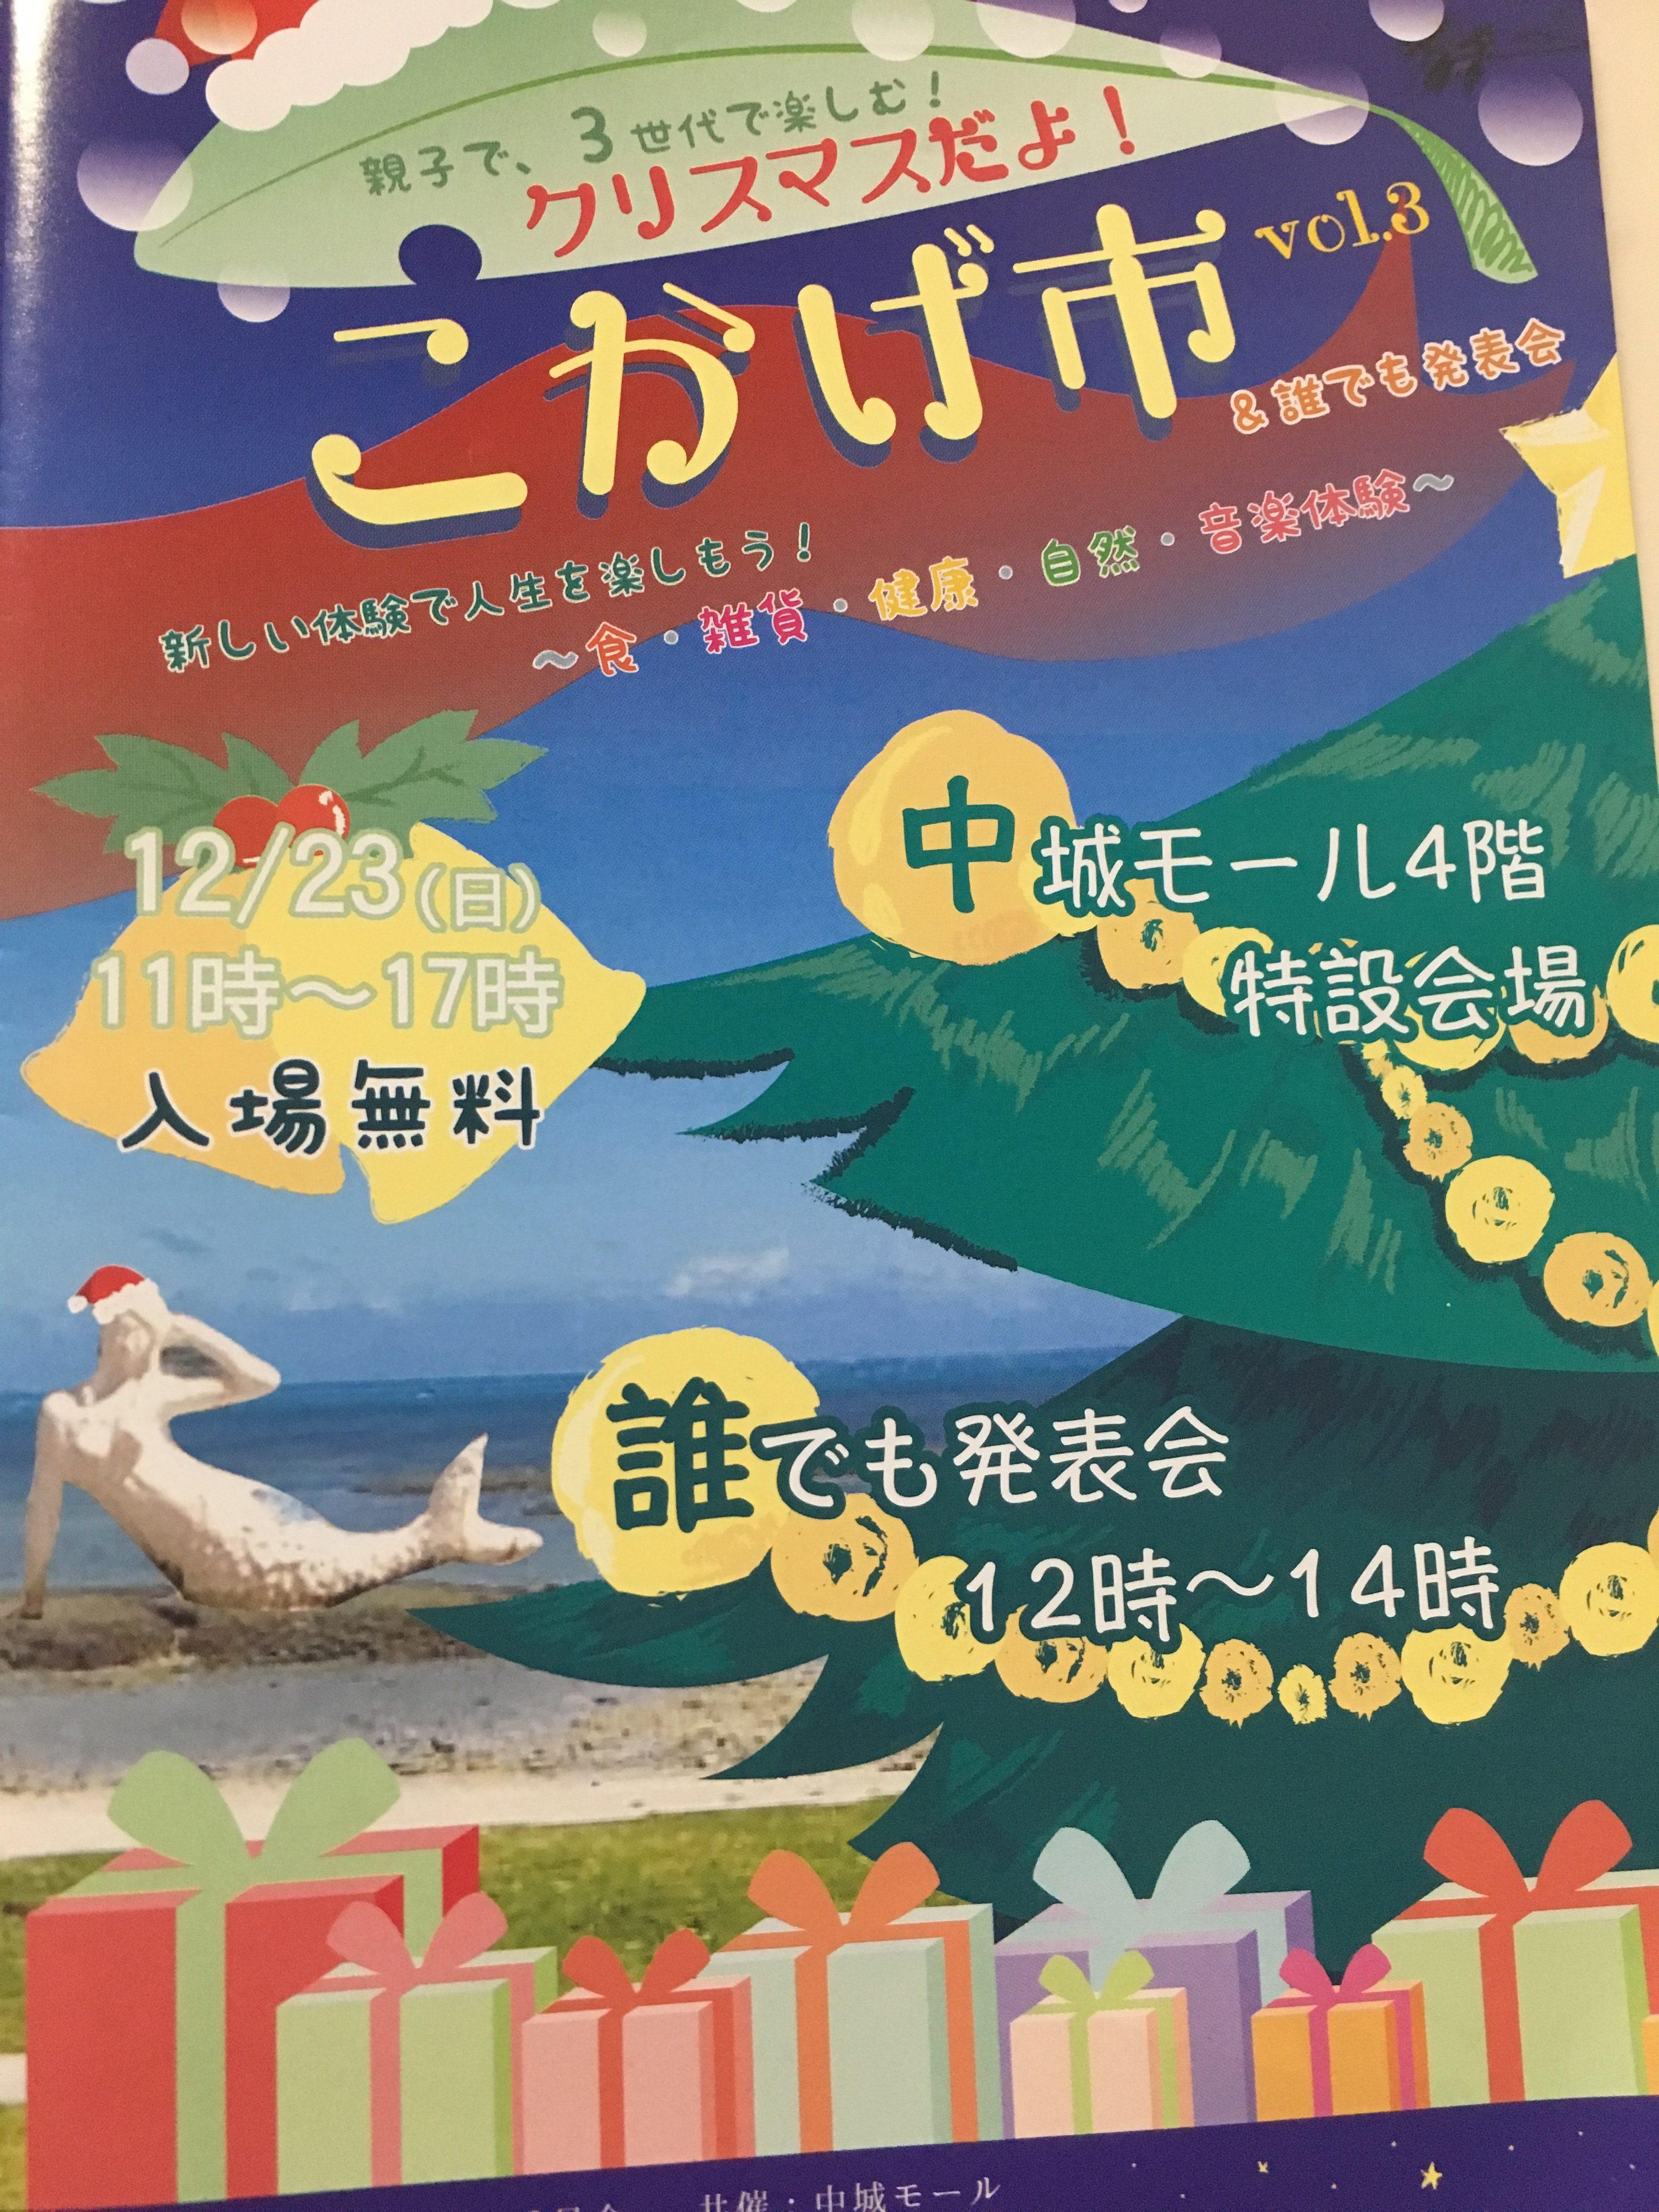 こかげ市、vol.3、沖縄県、中城モール、阿部民子、あべたみこ声楽家、ライア、